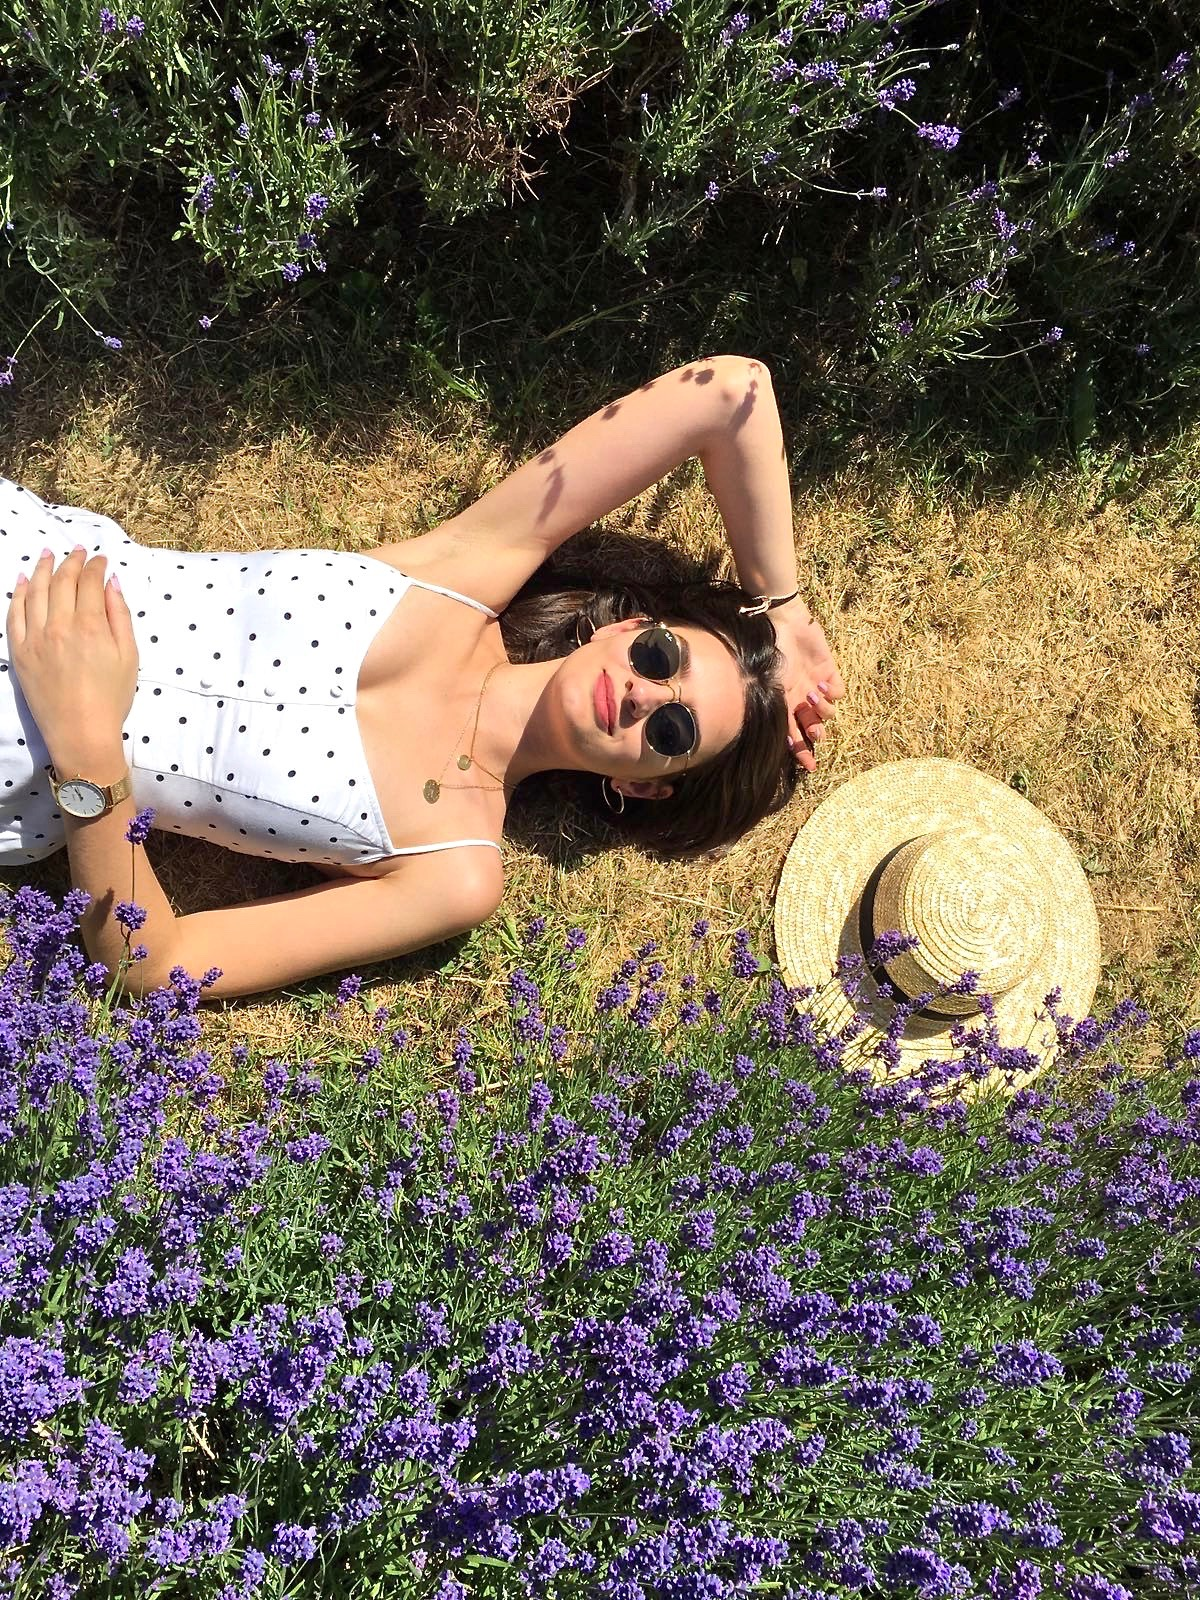 mayfield lavender field london